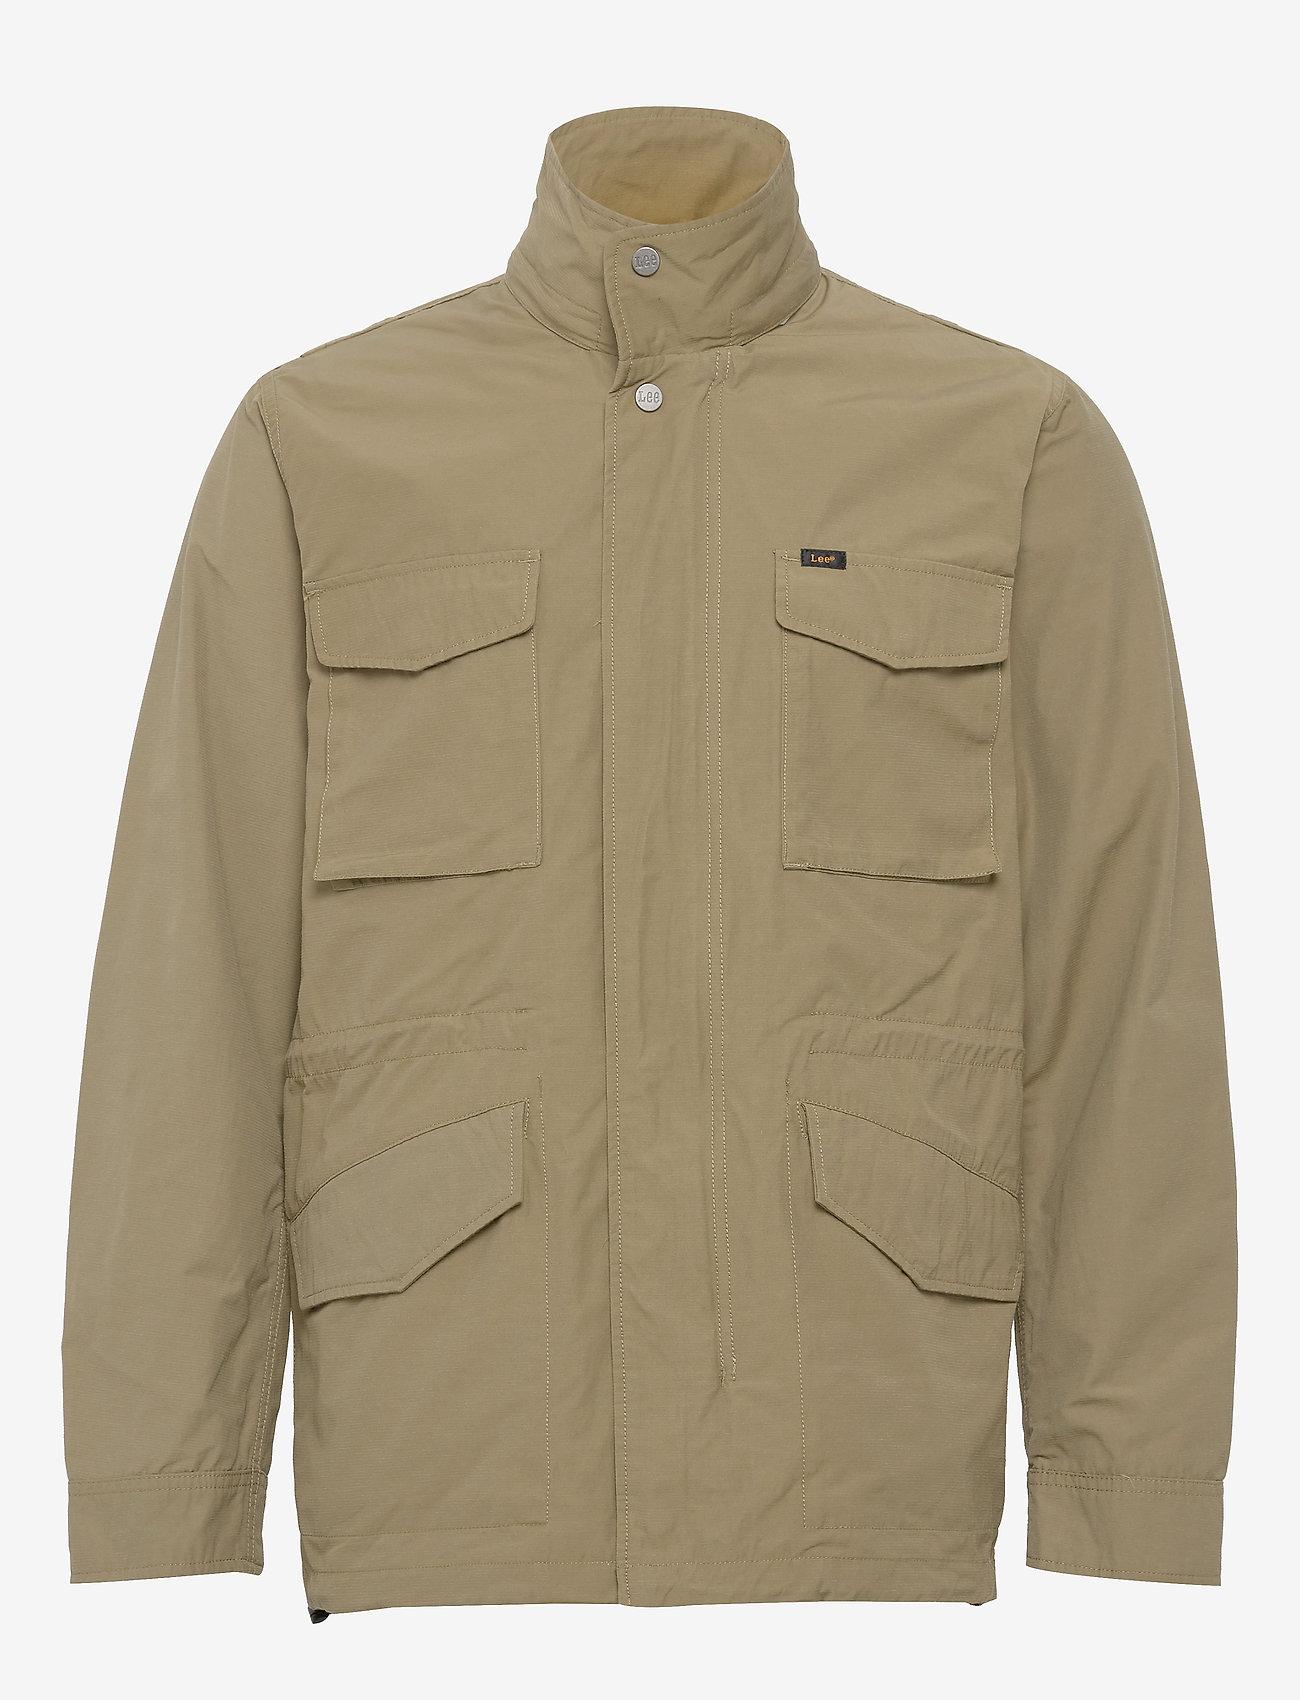 Lee Jeans - FIELD JACKET - light jackets - utility green - 1